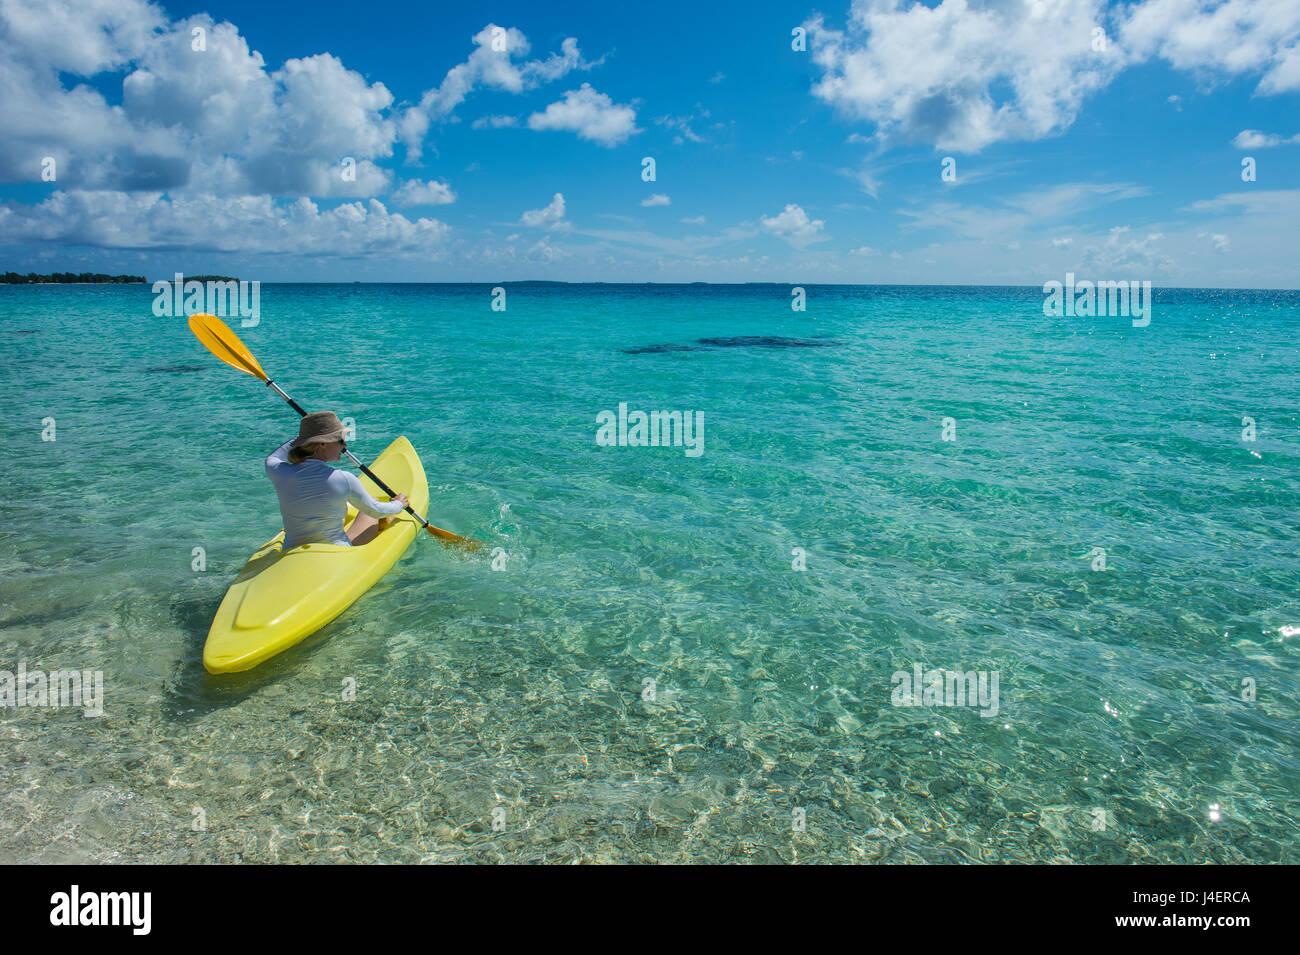 Frau in das türkisfarbene Wasser des Pazifik, Französisch-Polynesien, Tuamotus, Tikehau Kajak Stockbild